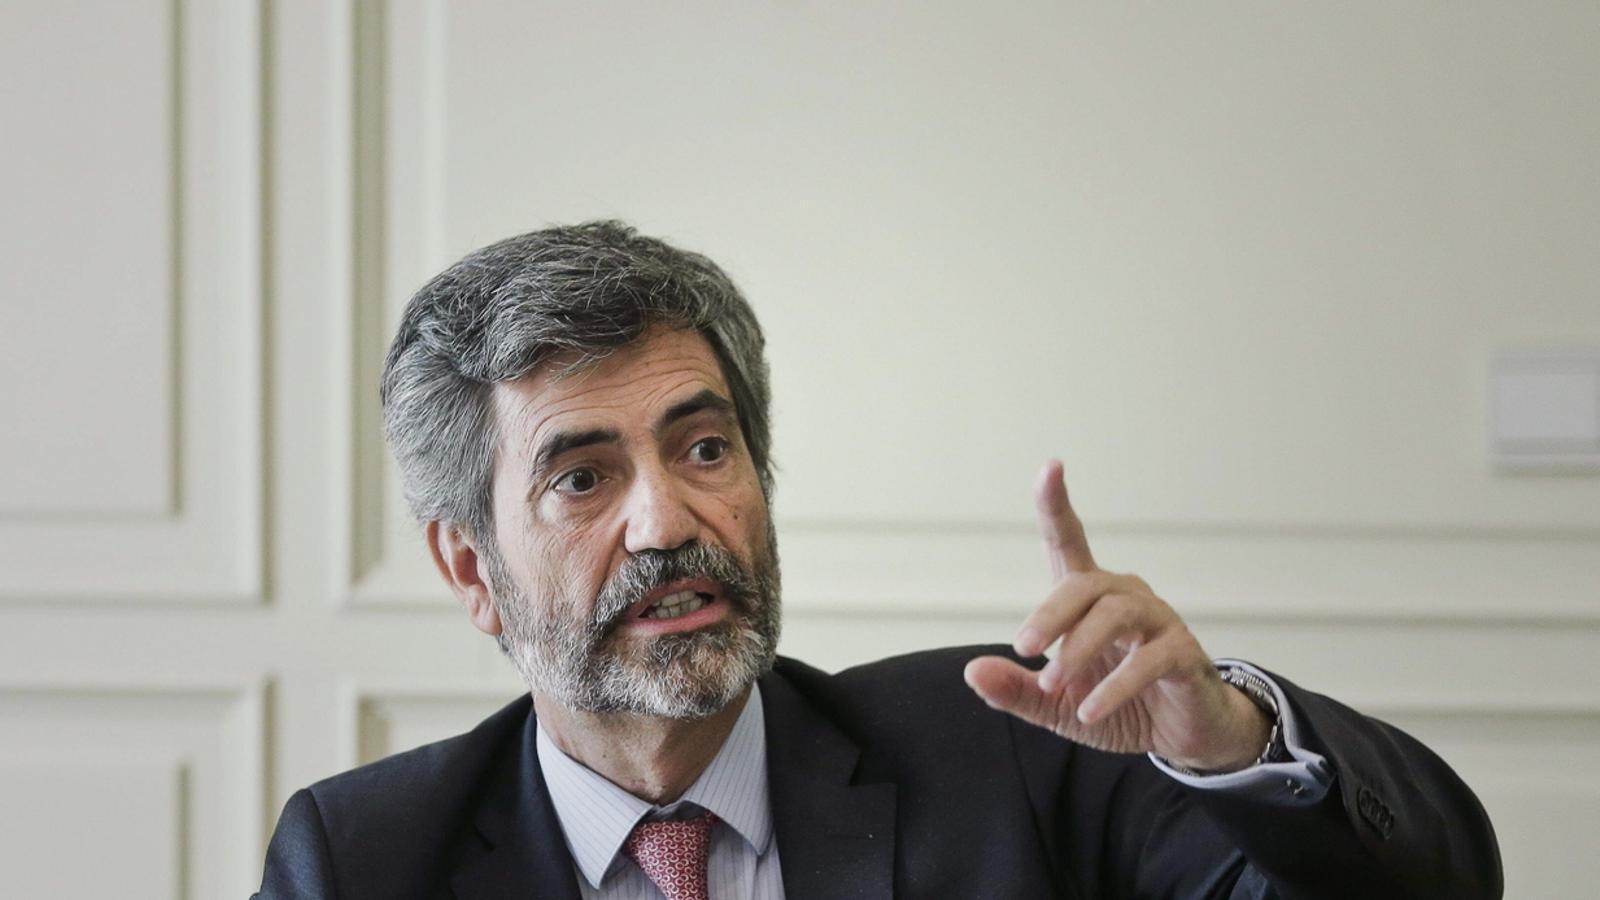 Lesmes força amb el seu doble vot el 'no' a la participació del jutge De Prada a la vista breu de Gürtel